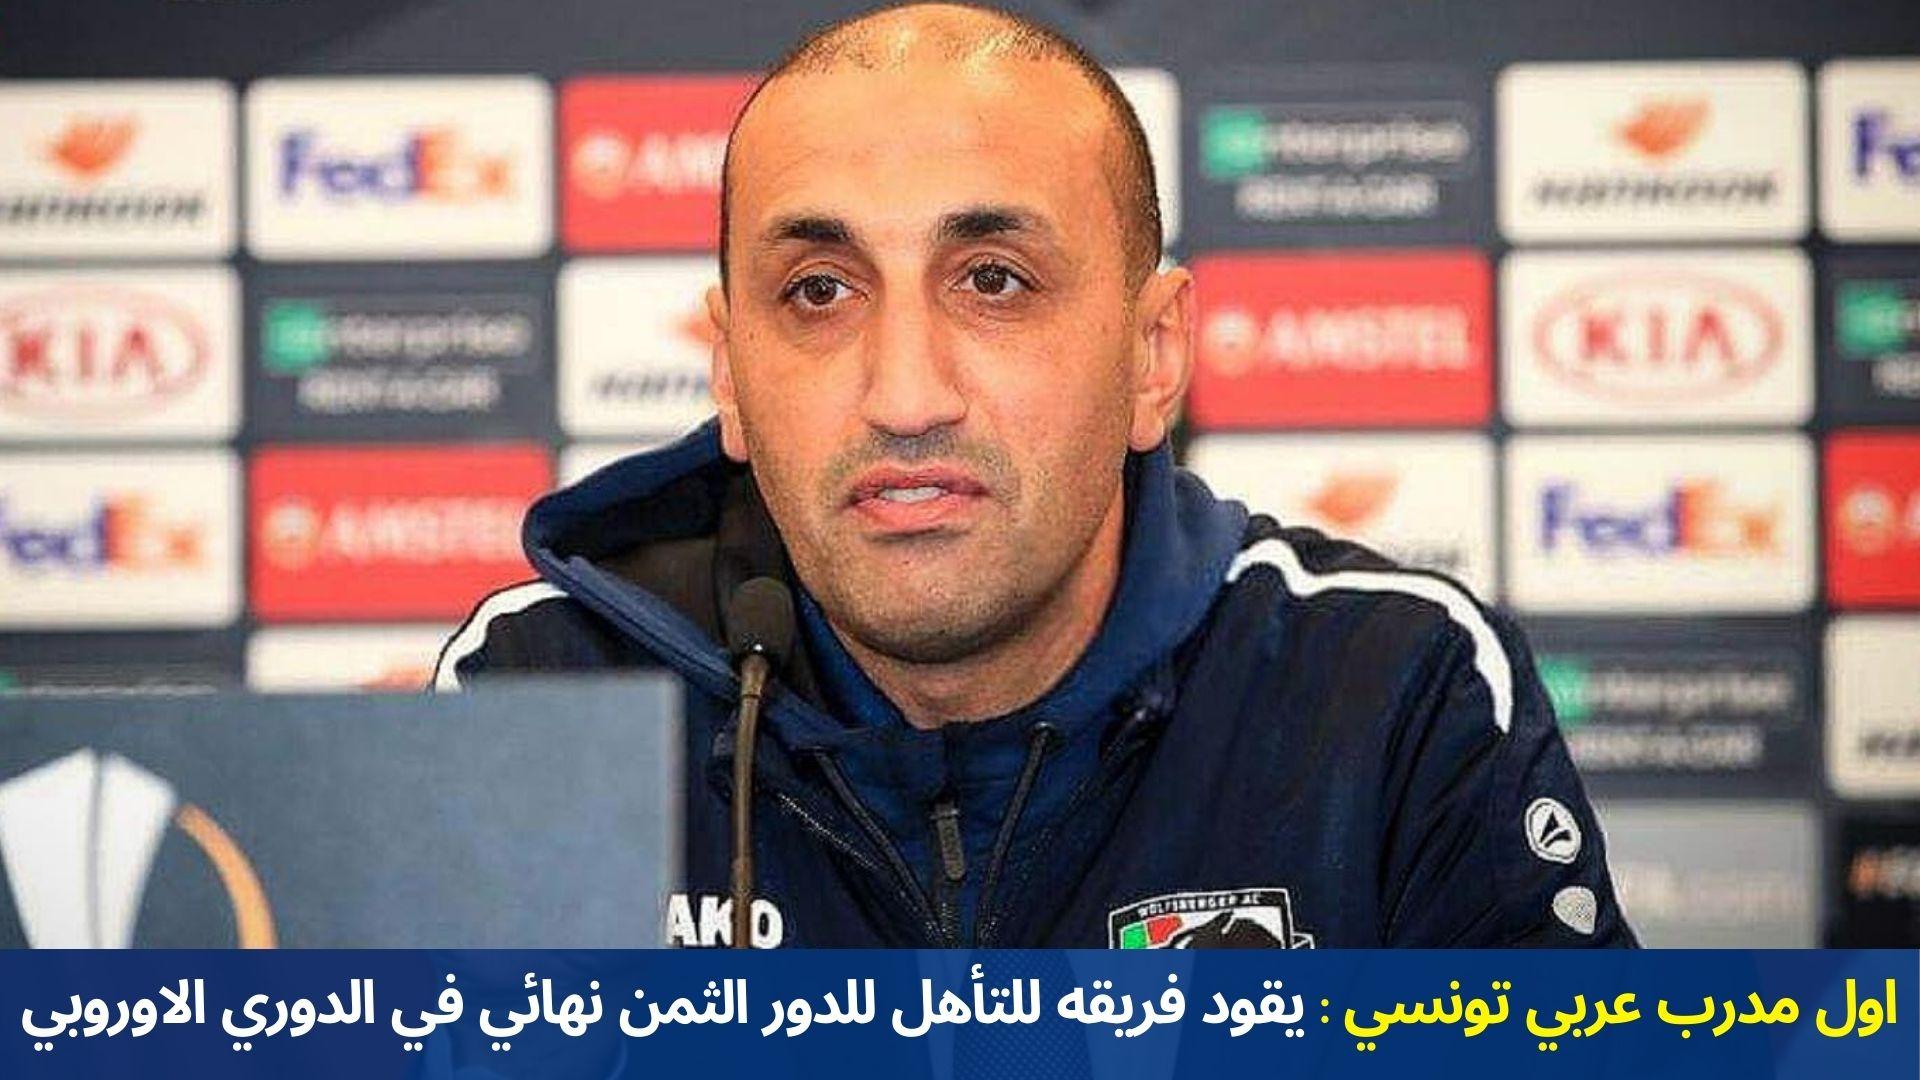 اول مدرب عربي تونسي : يقود فريقه للتأهل للدور الثمن نهائي في الدوري الاوروبي